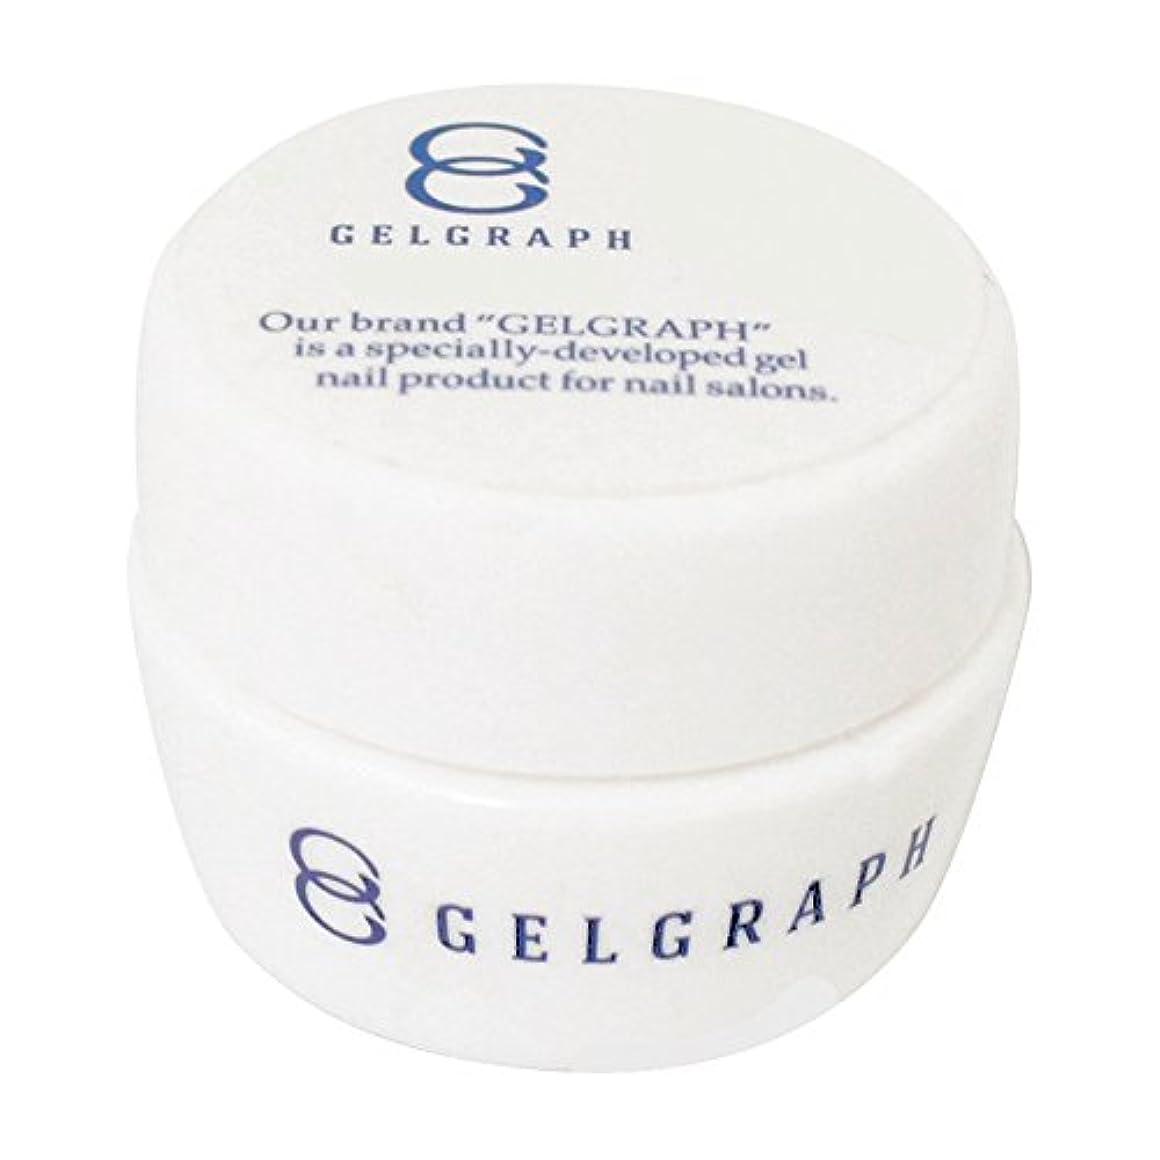 専門化するファントム欠如GELGRAPH カラージェル 100P ブルーマンデー 5g UV/LED対応 ソークオフジェル